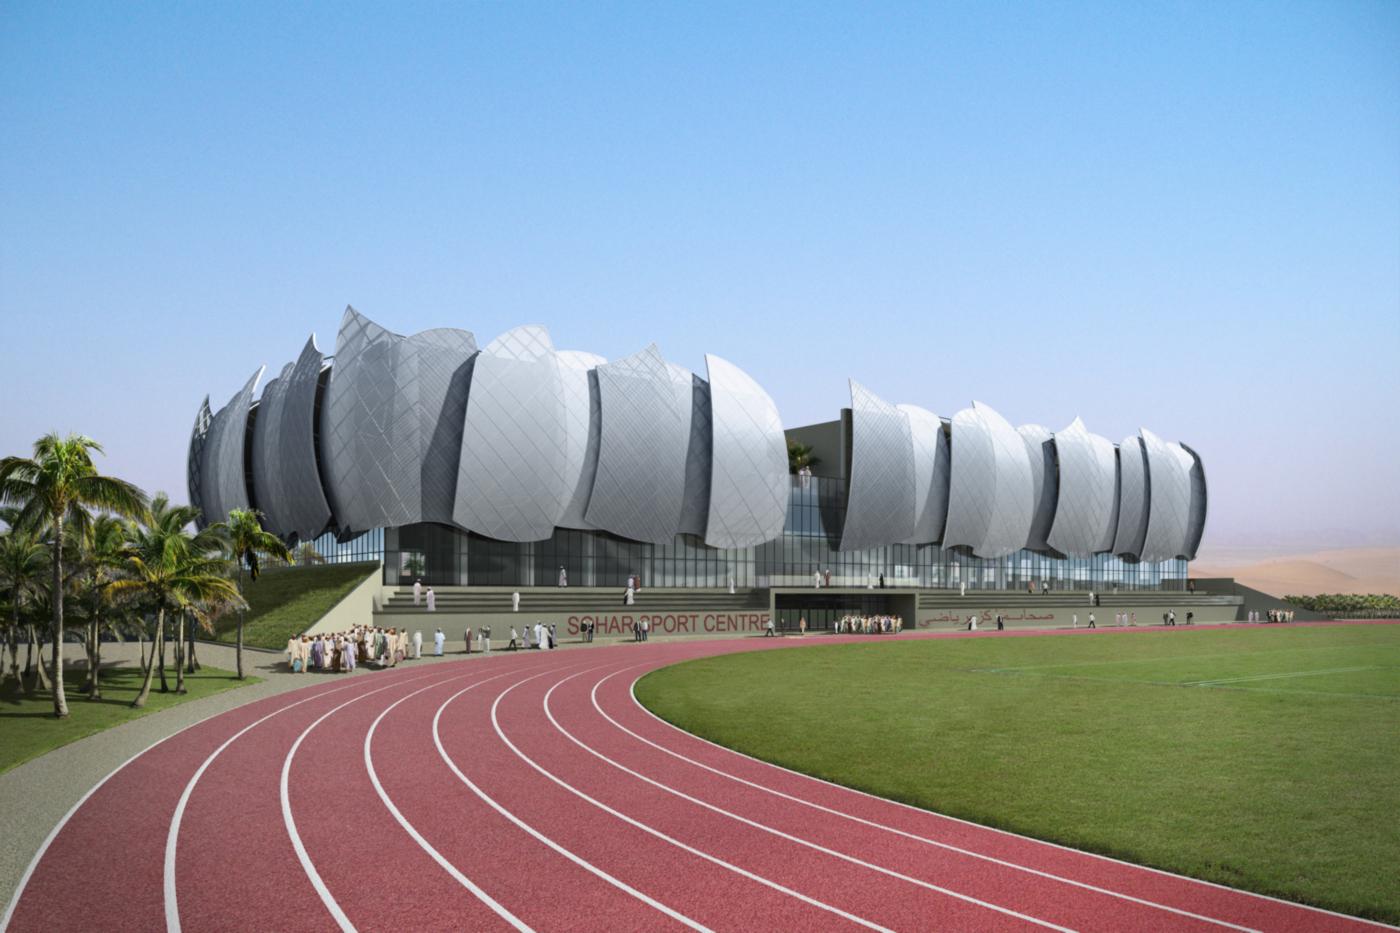 Il nuovo centro sportivo della Sohar University, in Oman, con le sue iconiche vele | project management | vista diurna | Bottega di Architettura